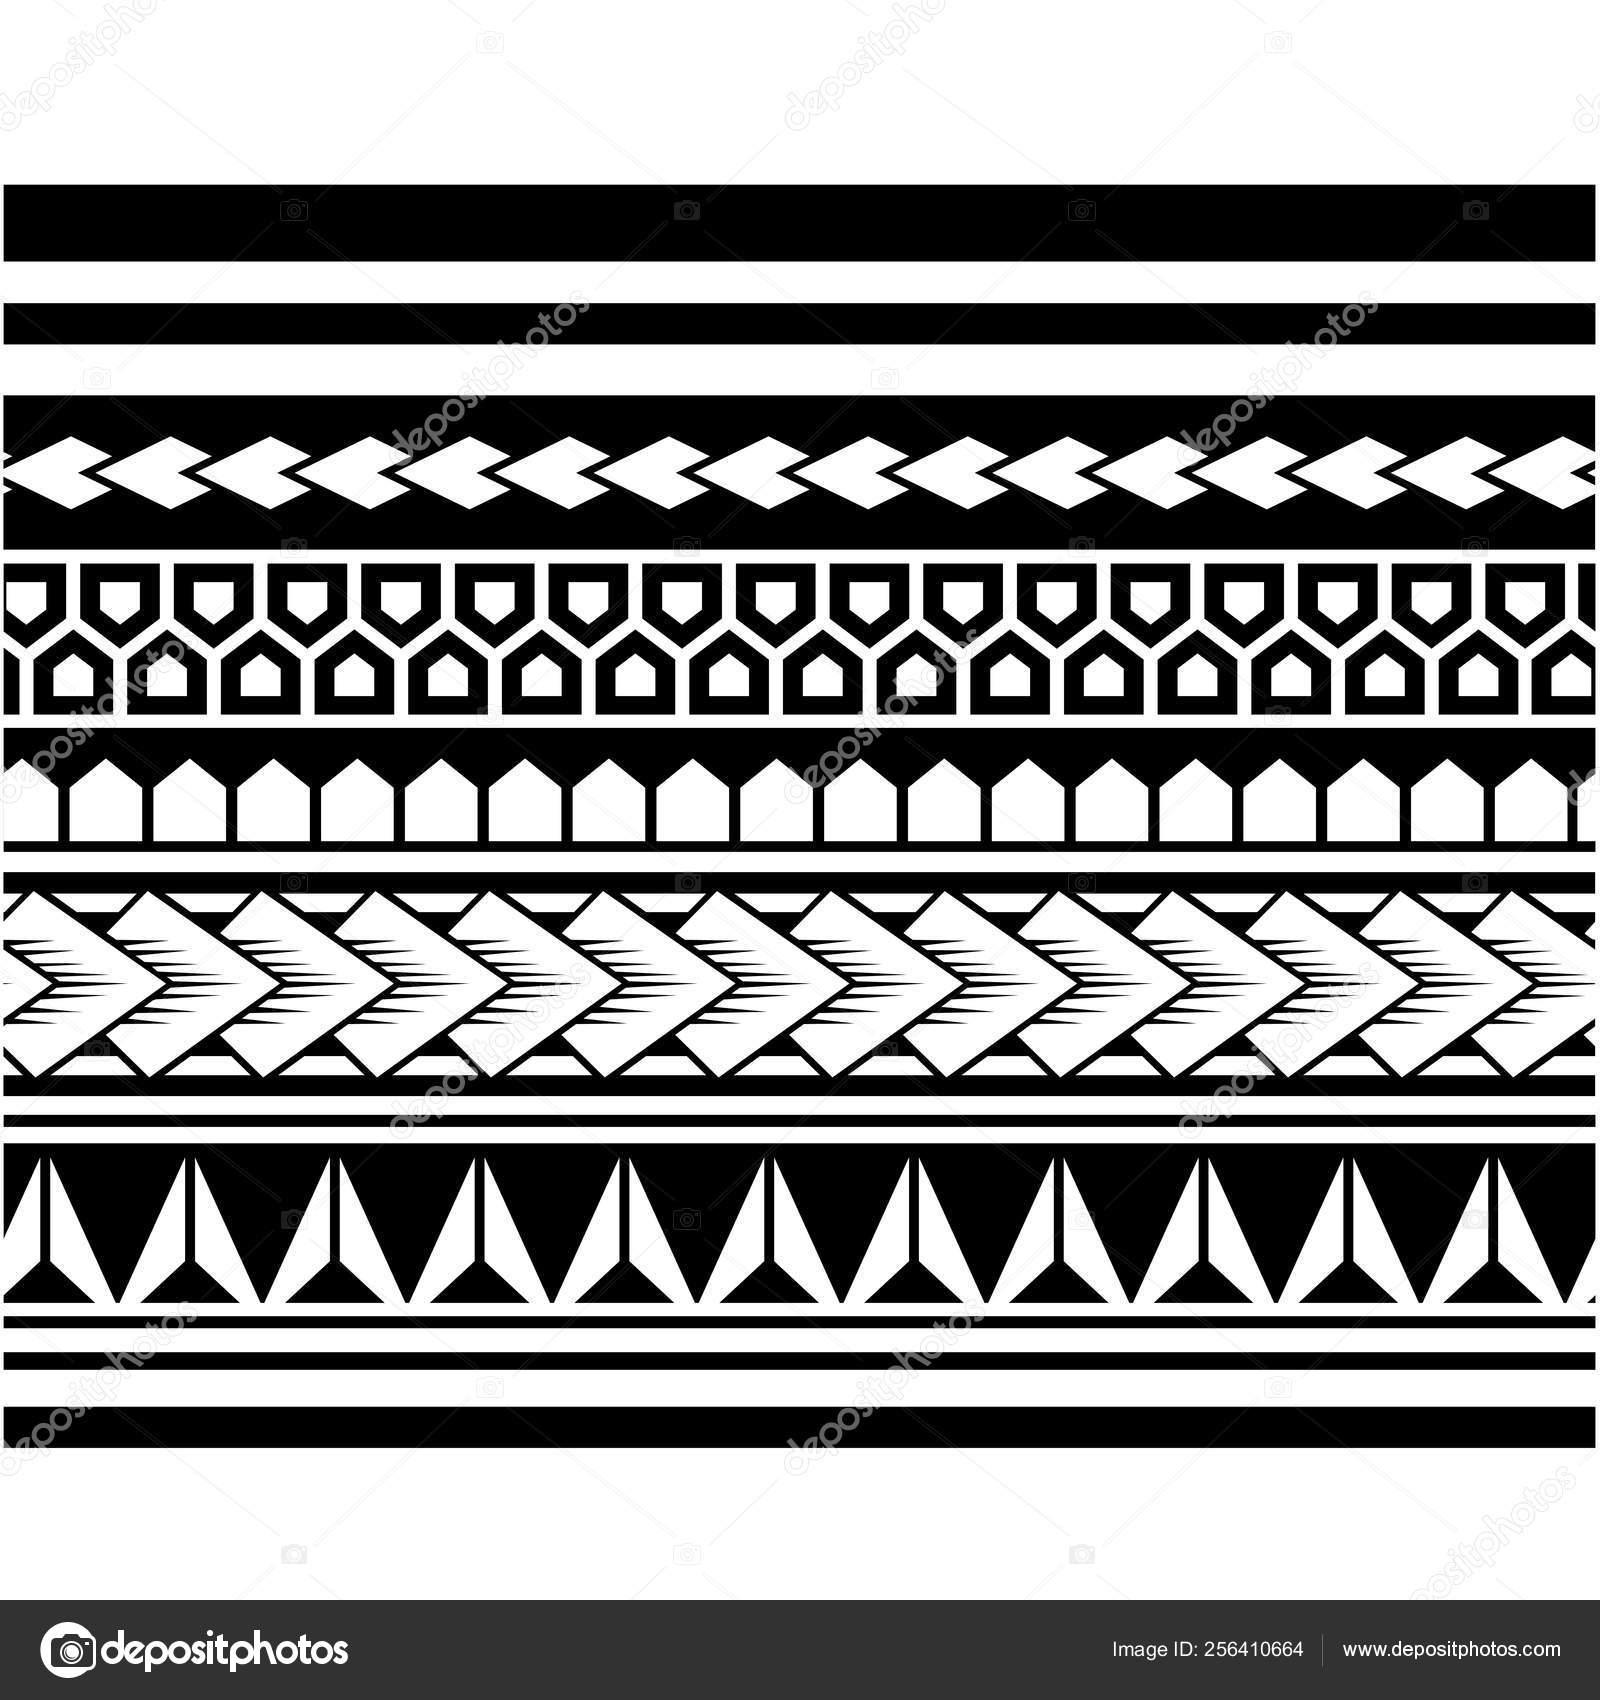 depositphotos_256410664-stock-illustration-polynesian-tattoo-sleeve-pattern-vector.jpg